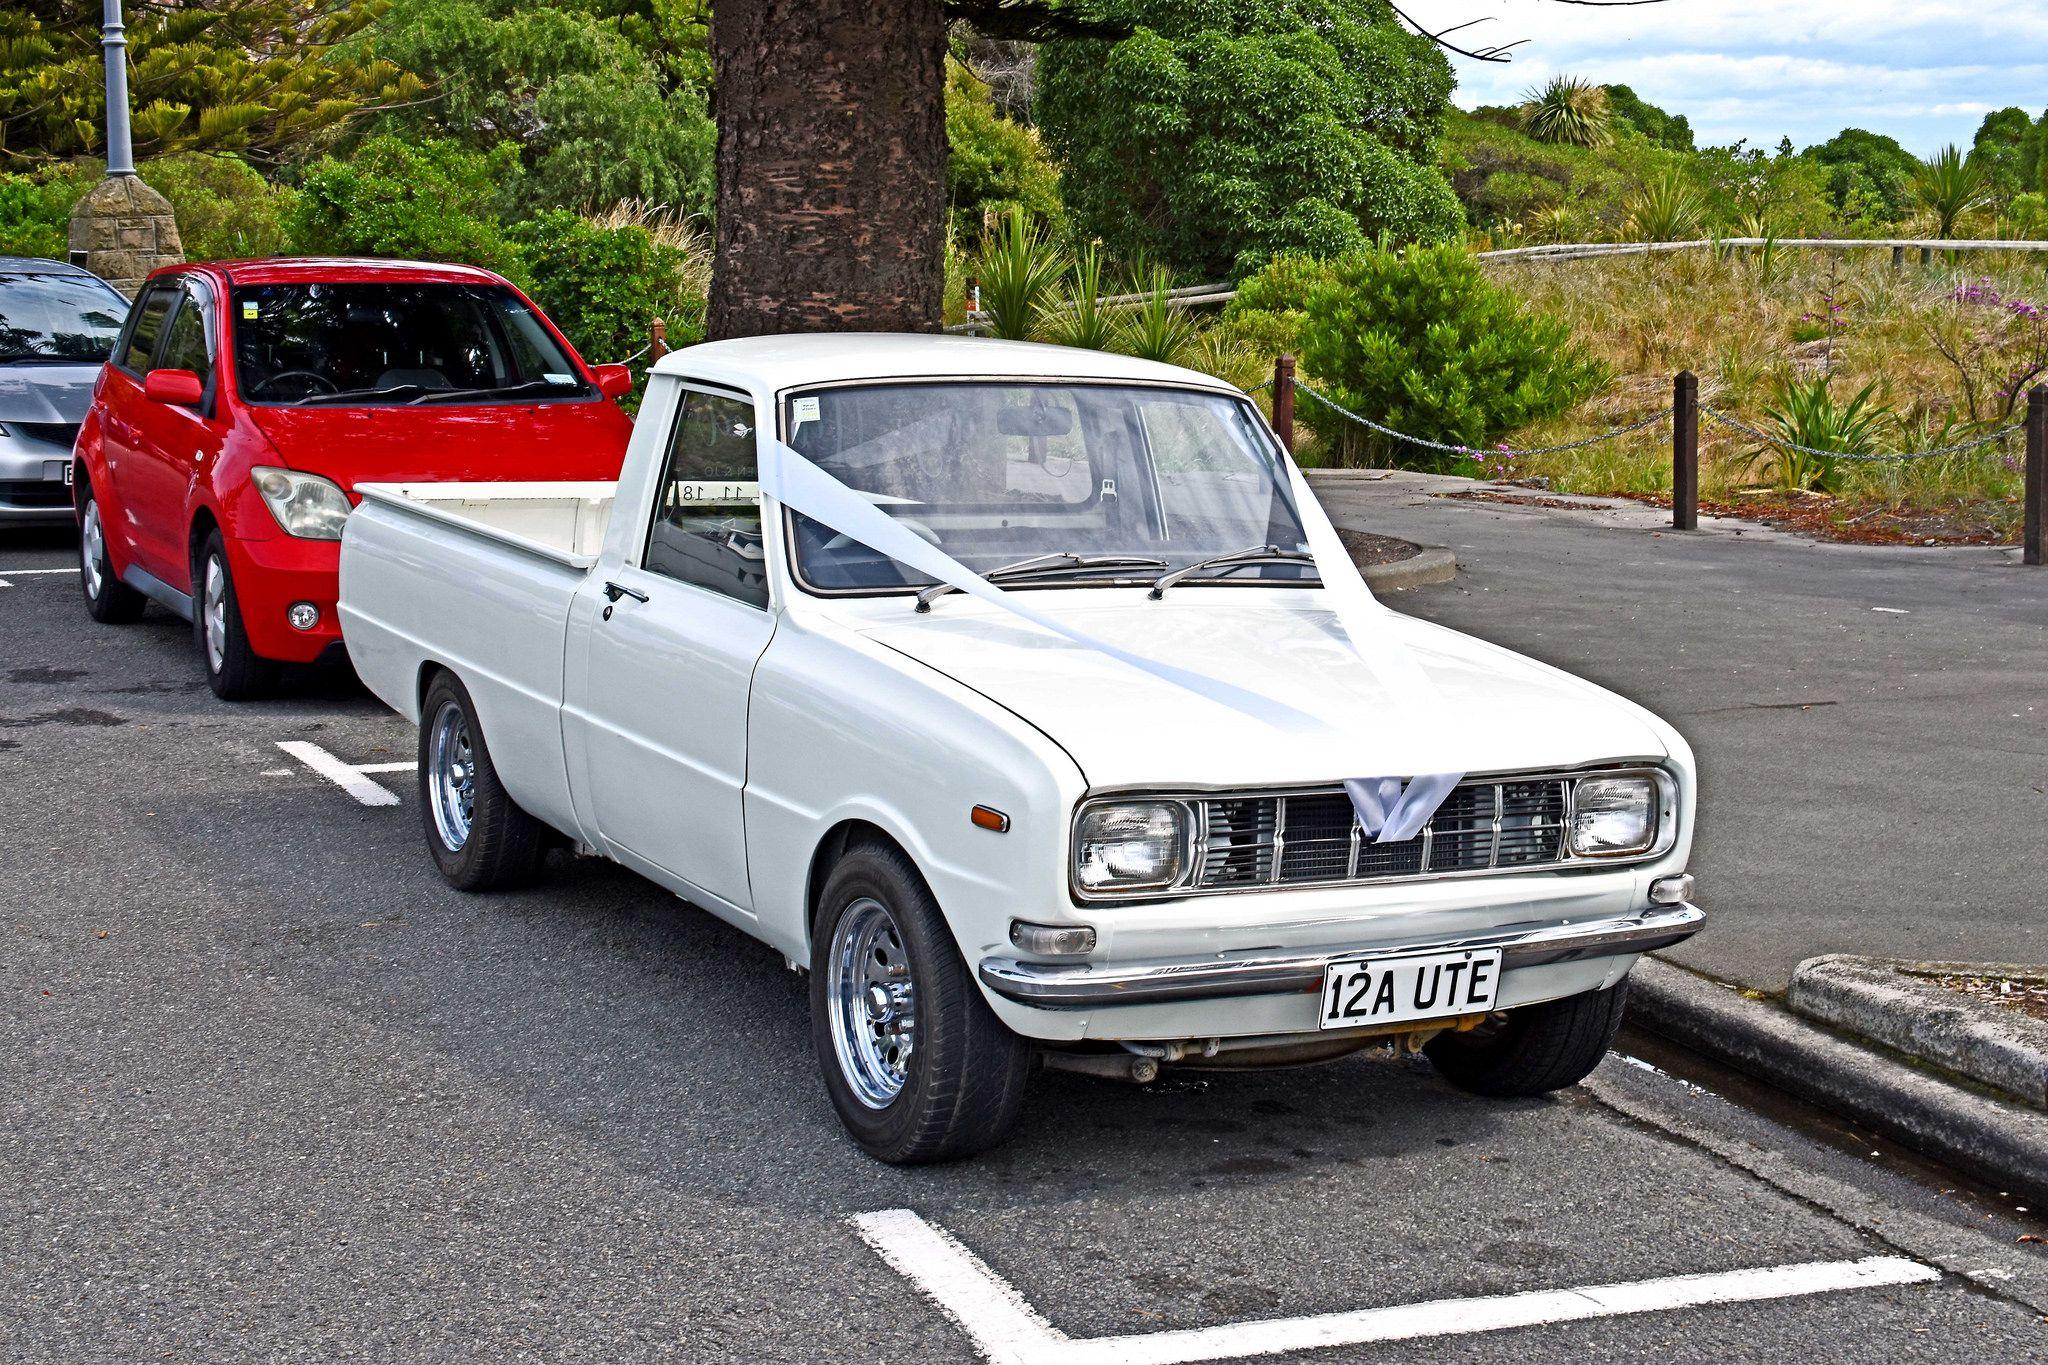 1974 Mazda 1200 Mazda Mazda Cars Mazda Familia